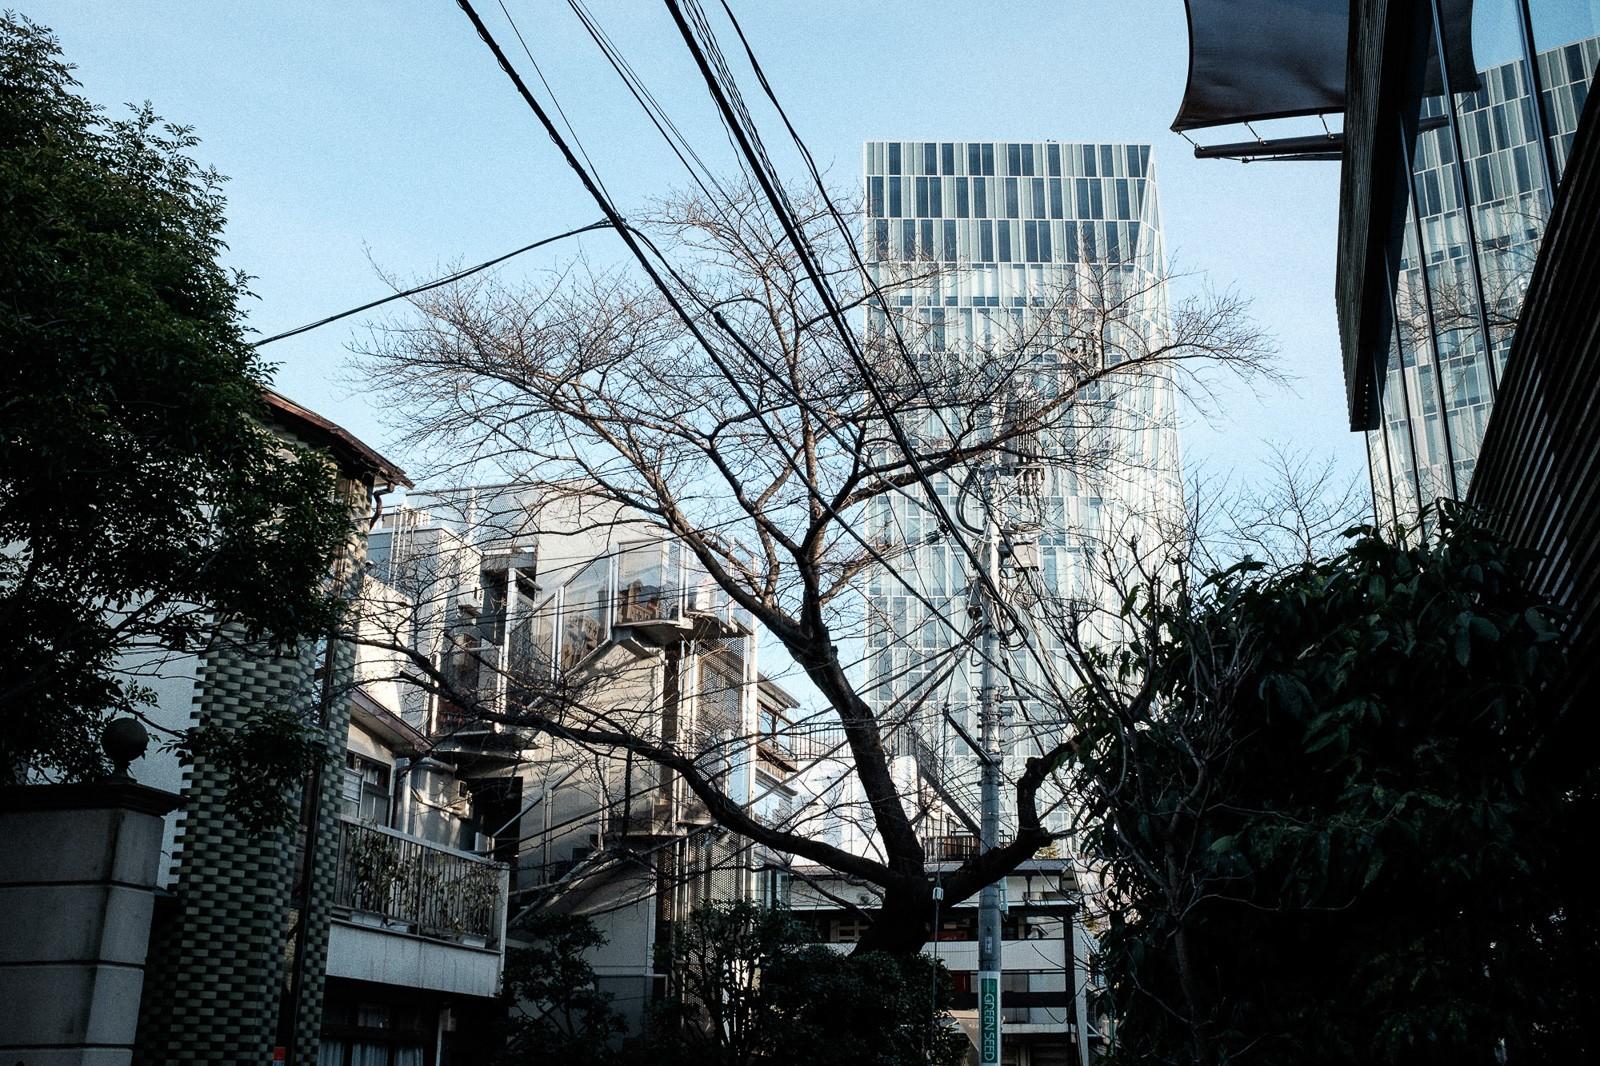 tokyo-trees-11.jpg